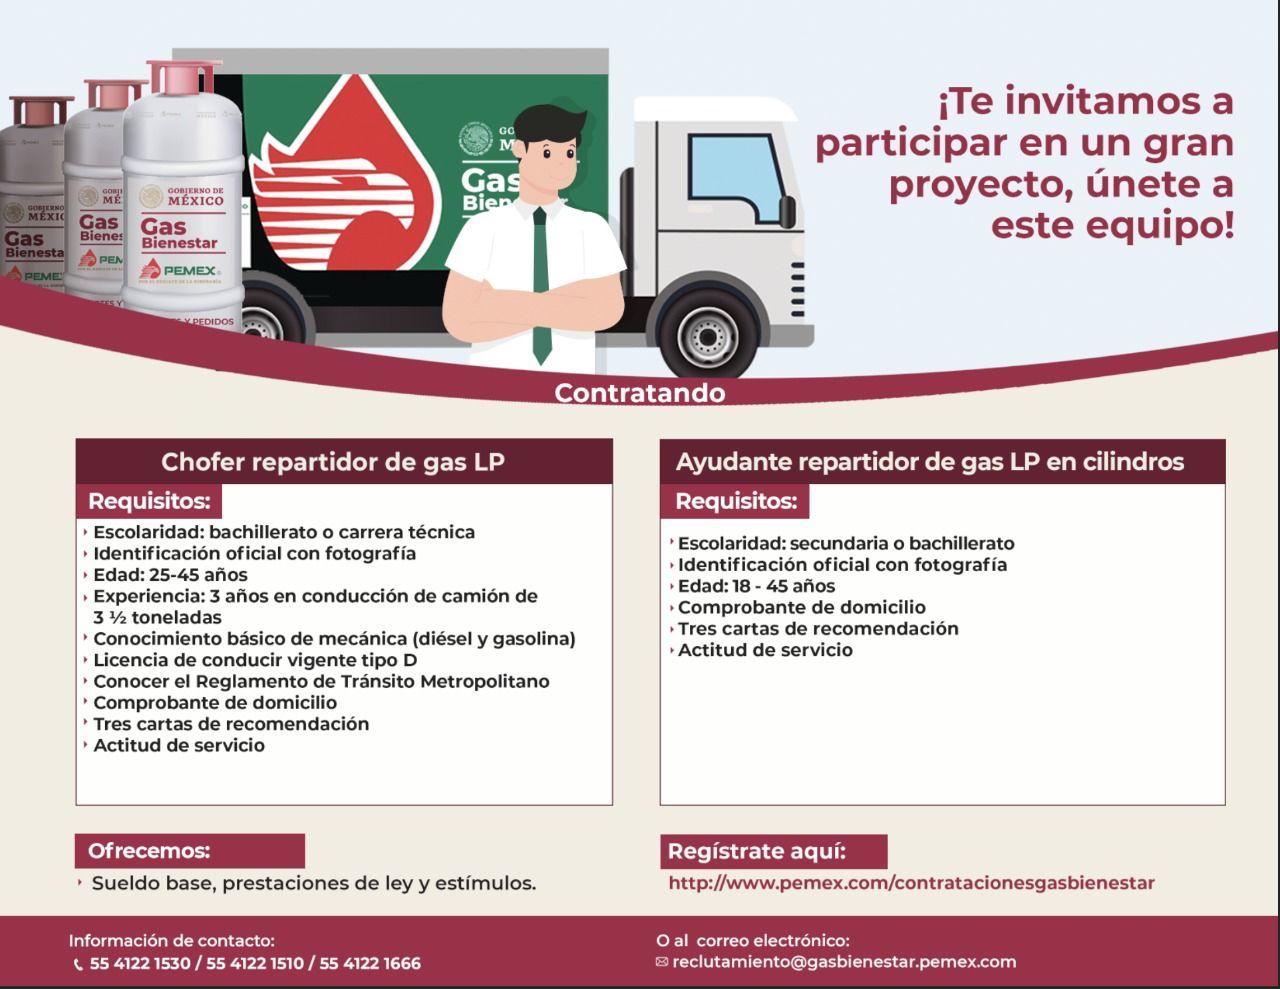 Requisitos para trabajar en Gas Bienestar   Foto: Twitter Pemex